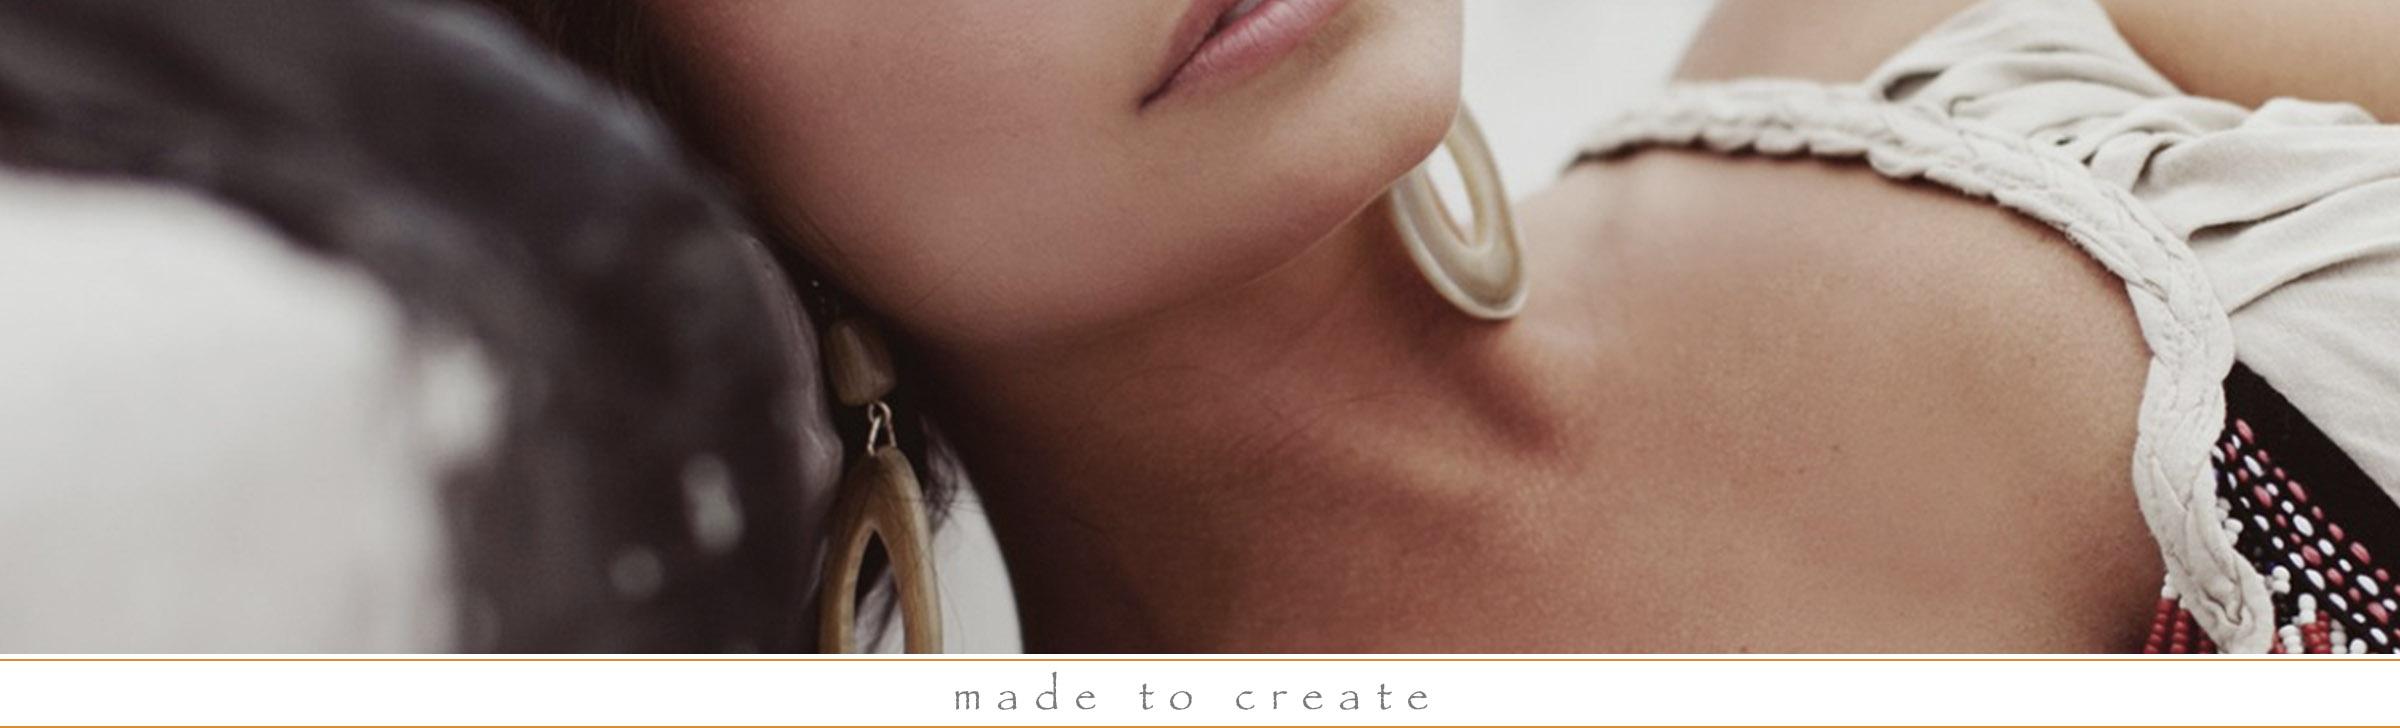 headers-thinnestribbon-earrings.jpg